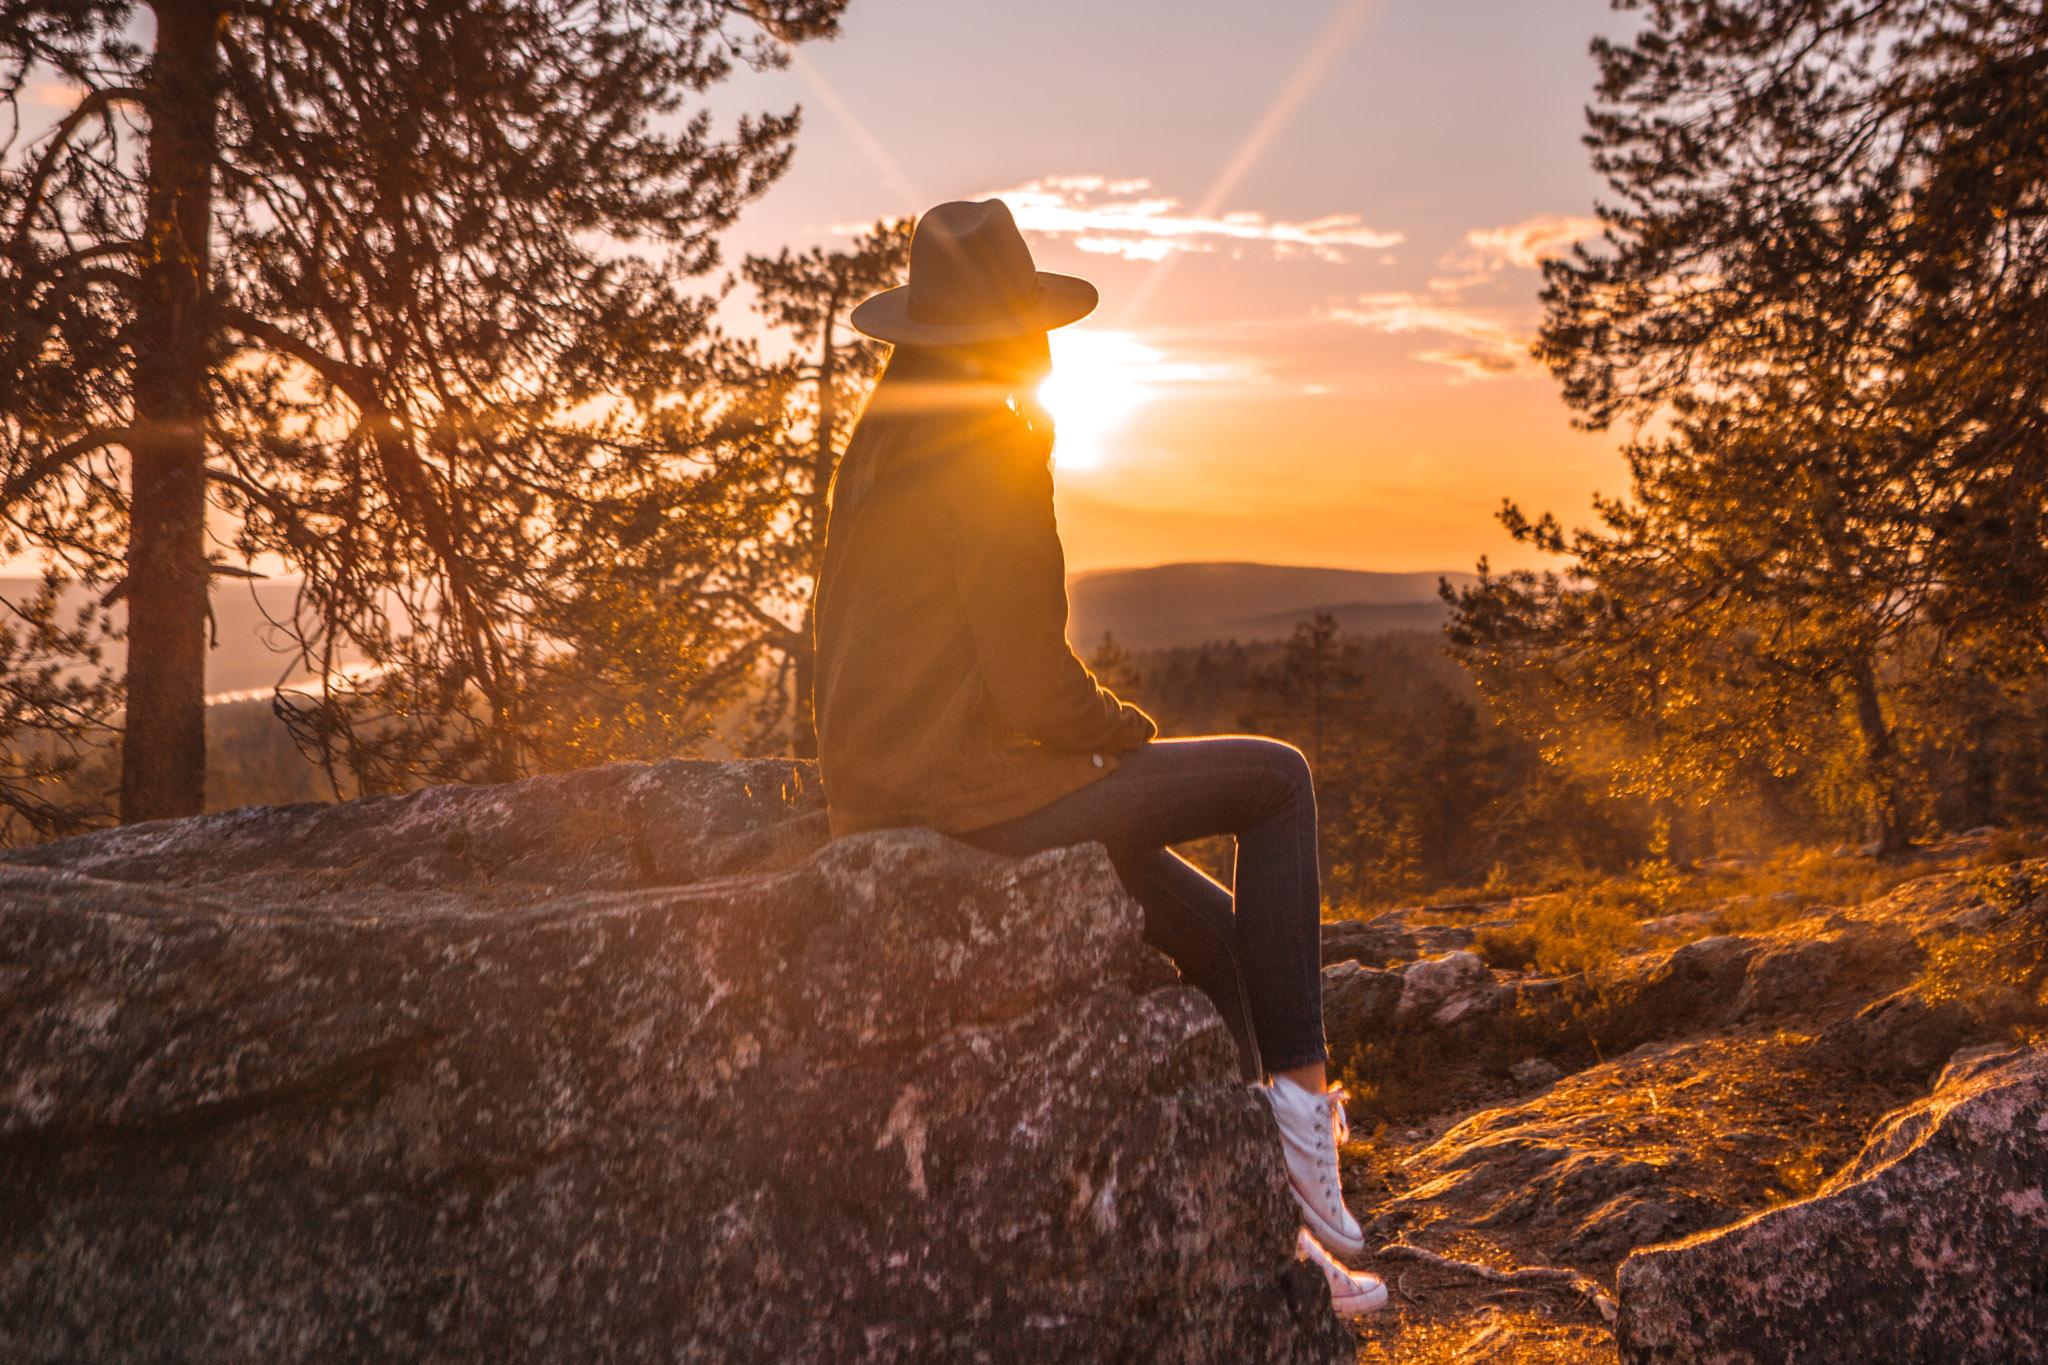 Visit Rovaniemi Lapland Finland RovaniemiThe Official Hometown of Santa Claus Midnight Sun Summer in Lapland